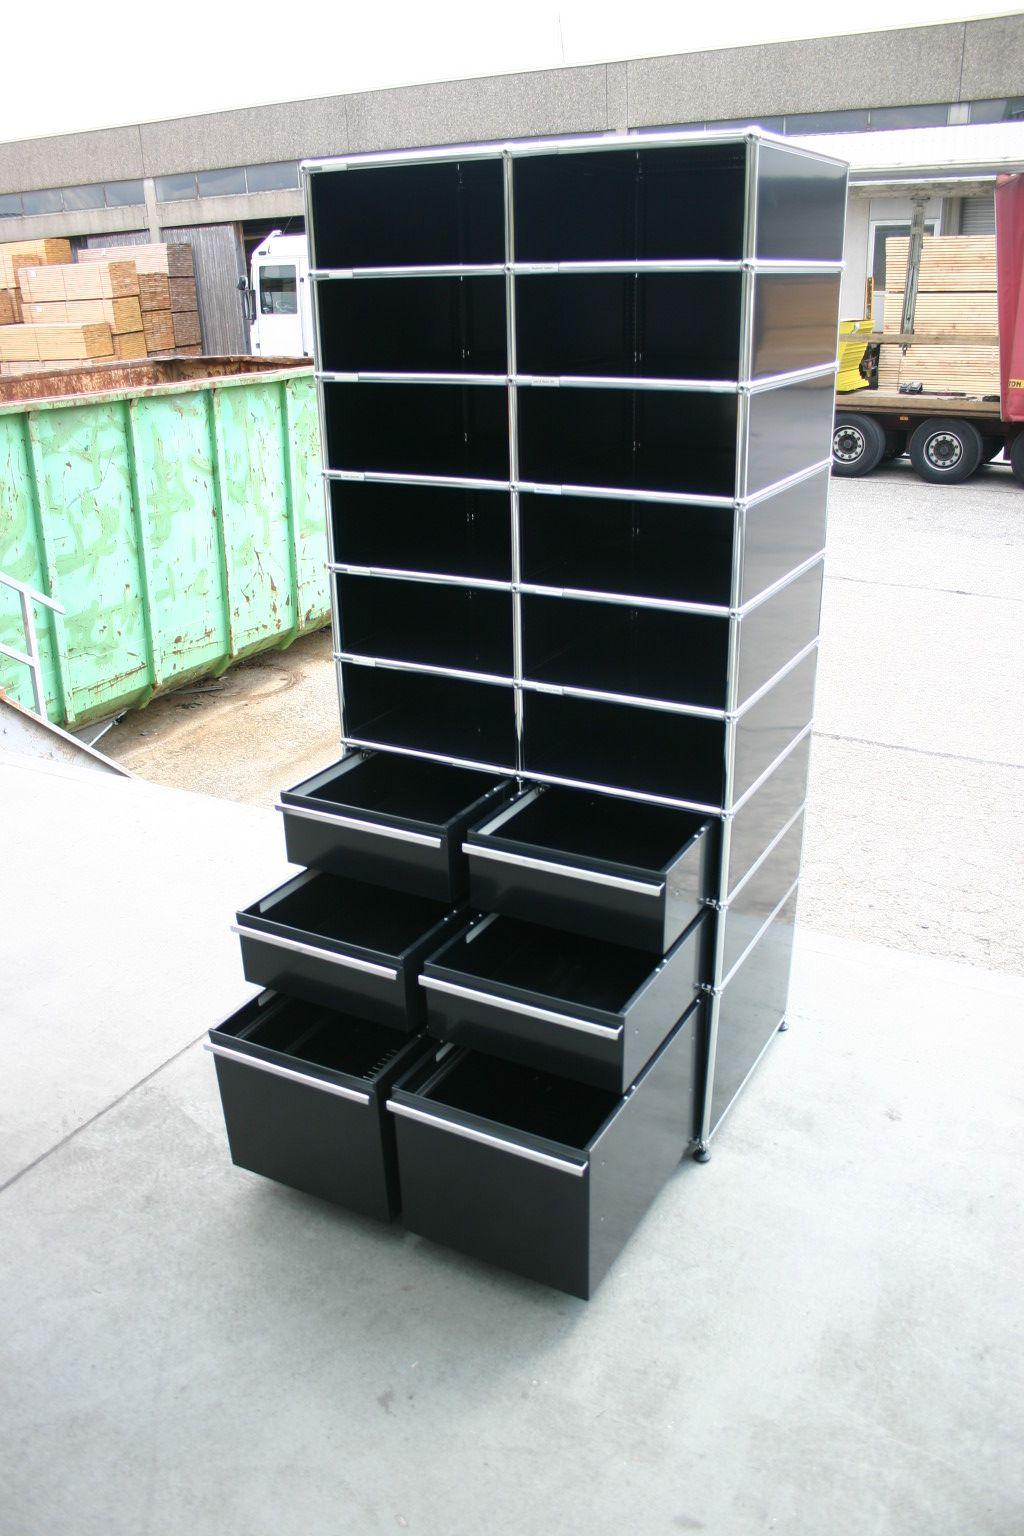 postfachregal von usm haller in schwarz. Black Bedroom Furniture Sets. Home Design Ideas